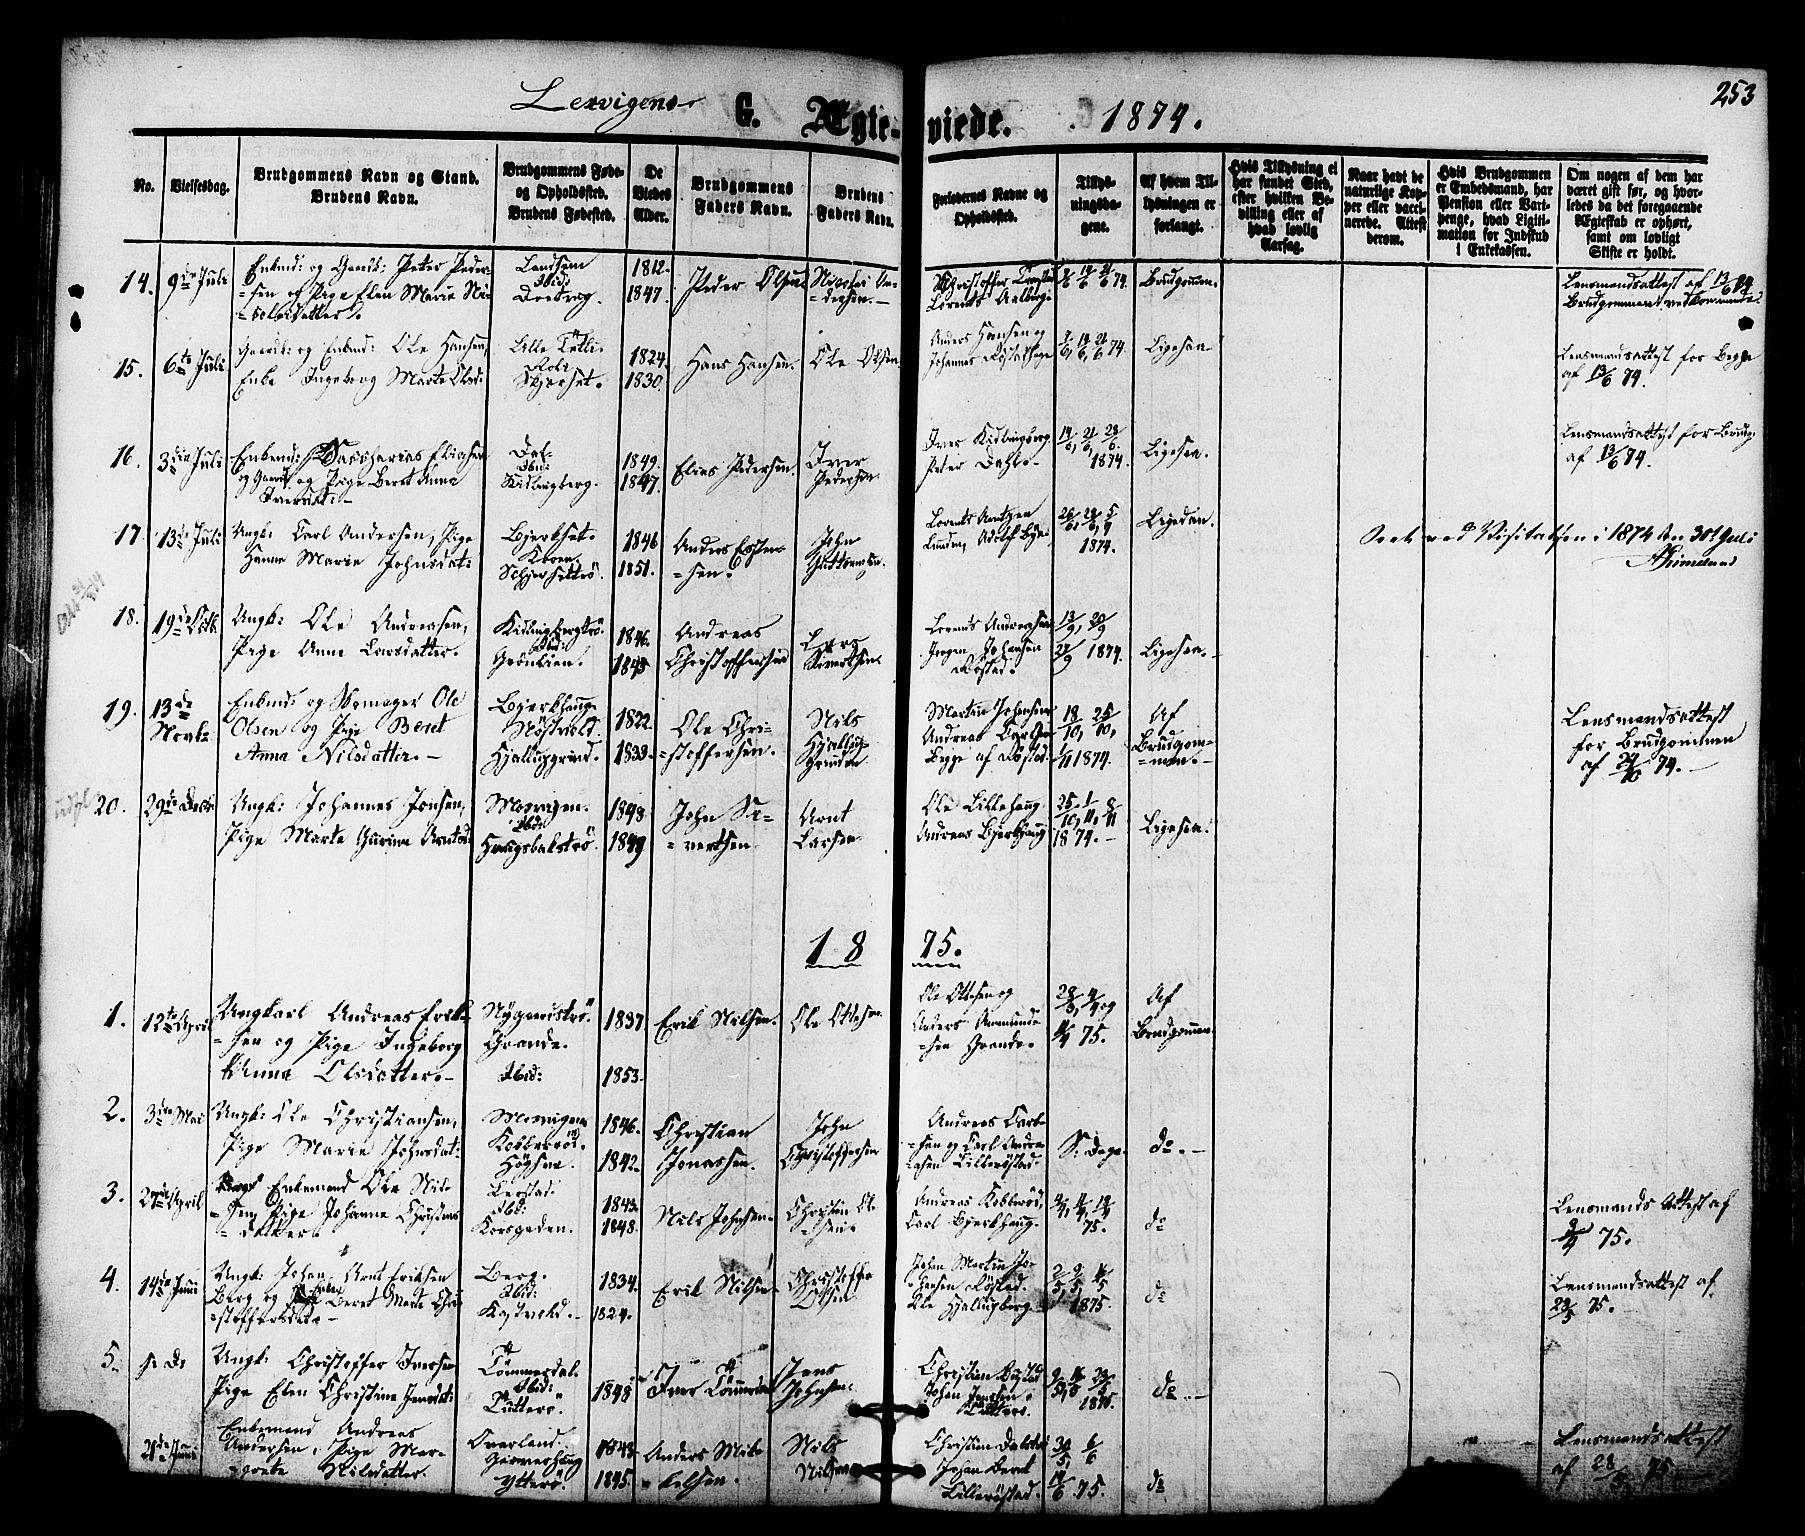 SAT, Ministerialprotokoller, klokkerbøker og fødselsregistre - Nord-Trøndelag, 701/L0009: Ministerialbok nr. 701A09 /1, 1864-1882, s. 253